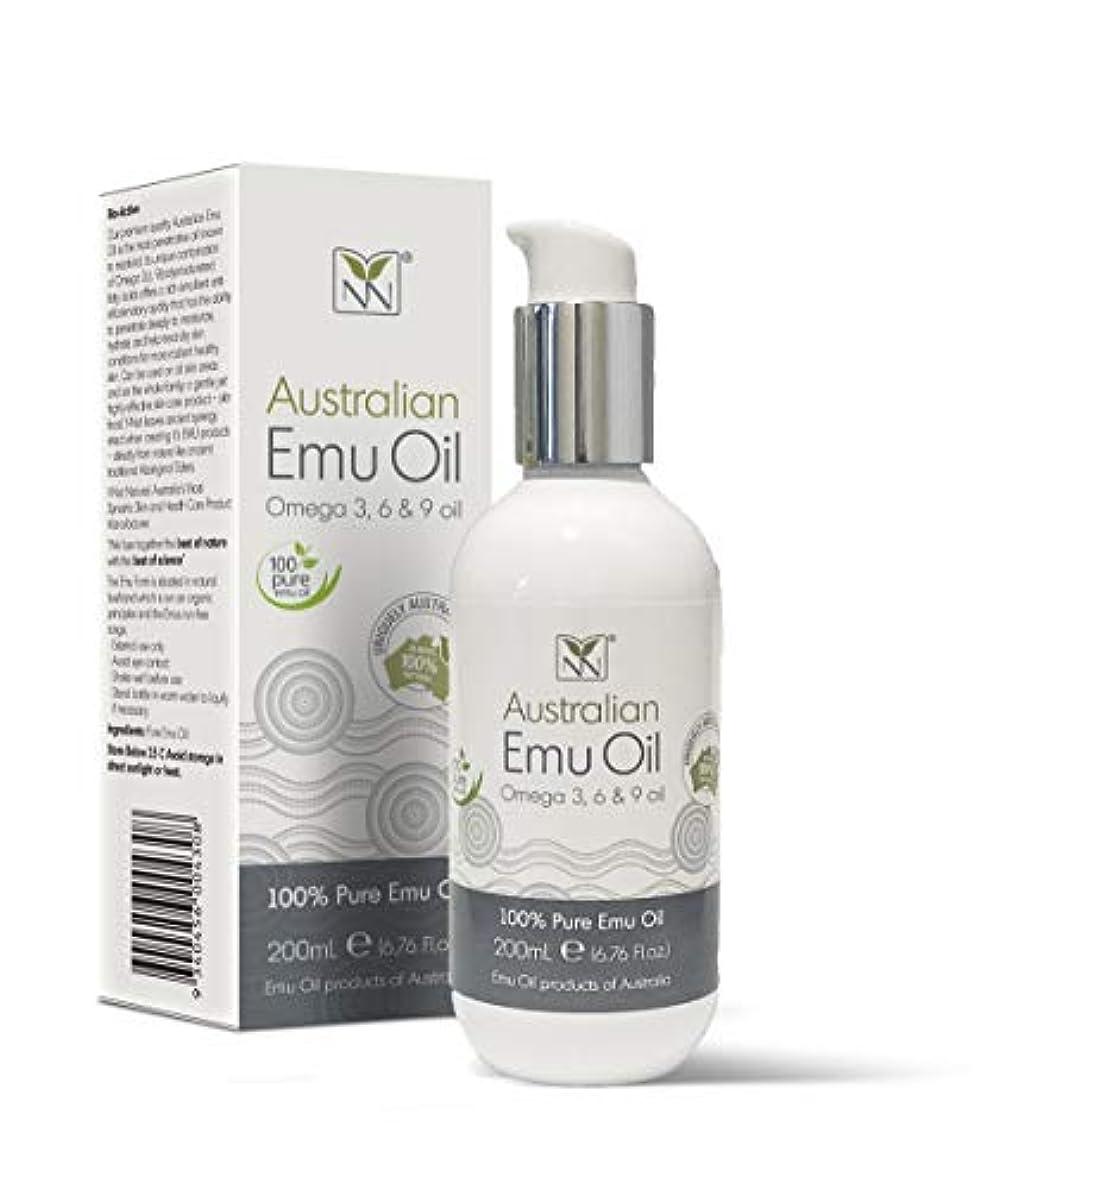 ノート説得敷居Y Not Natural エミューオイル EMU OIL 無添加100% 保湿性 浸透性 抜群 プレミアム品質 エミュー油 (200 ml)